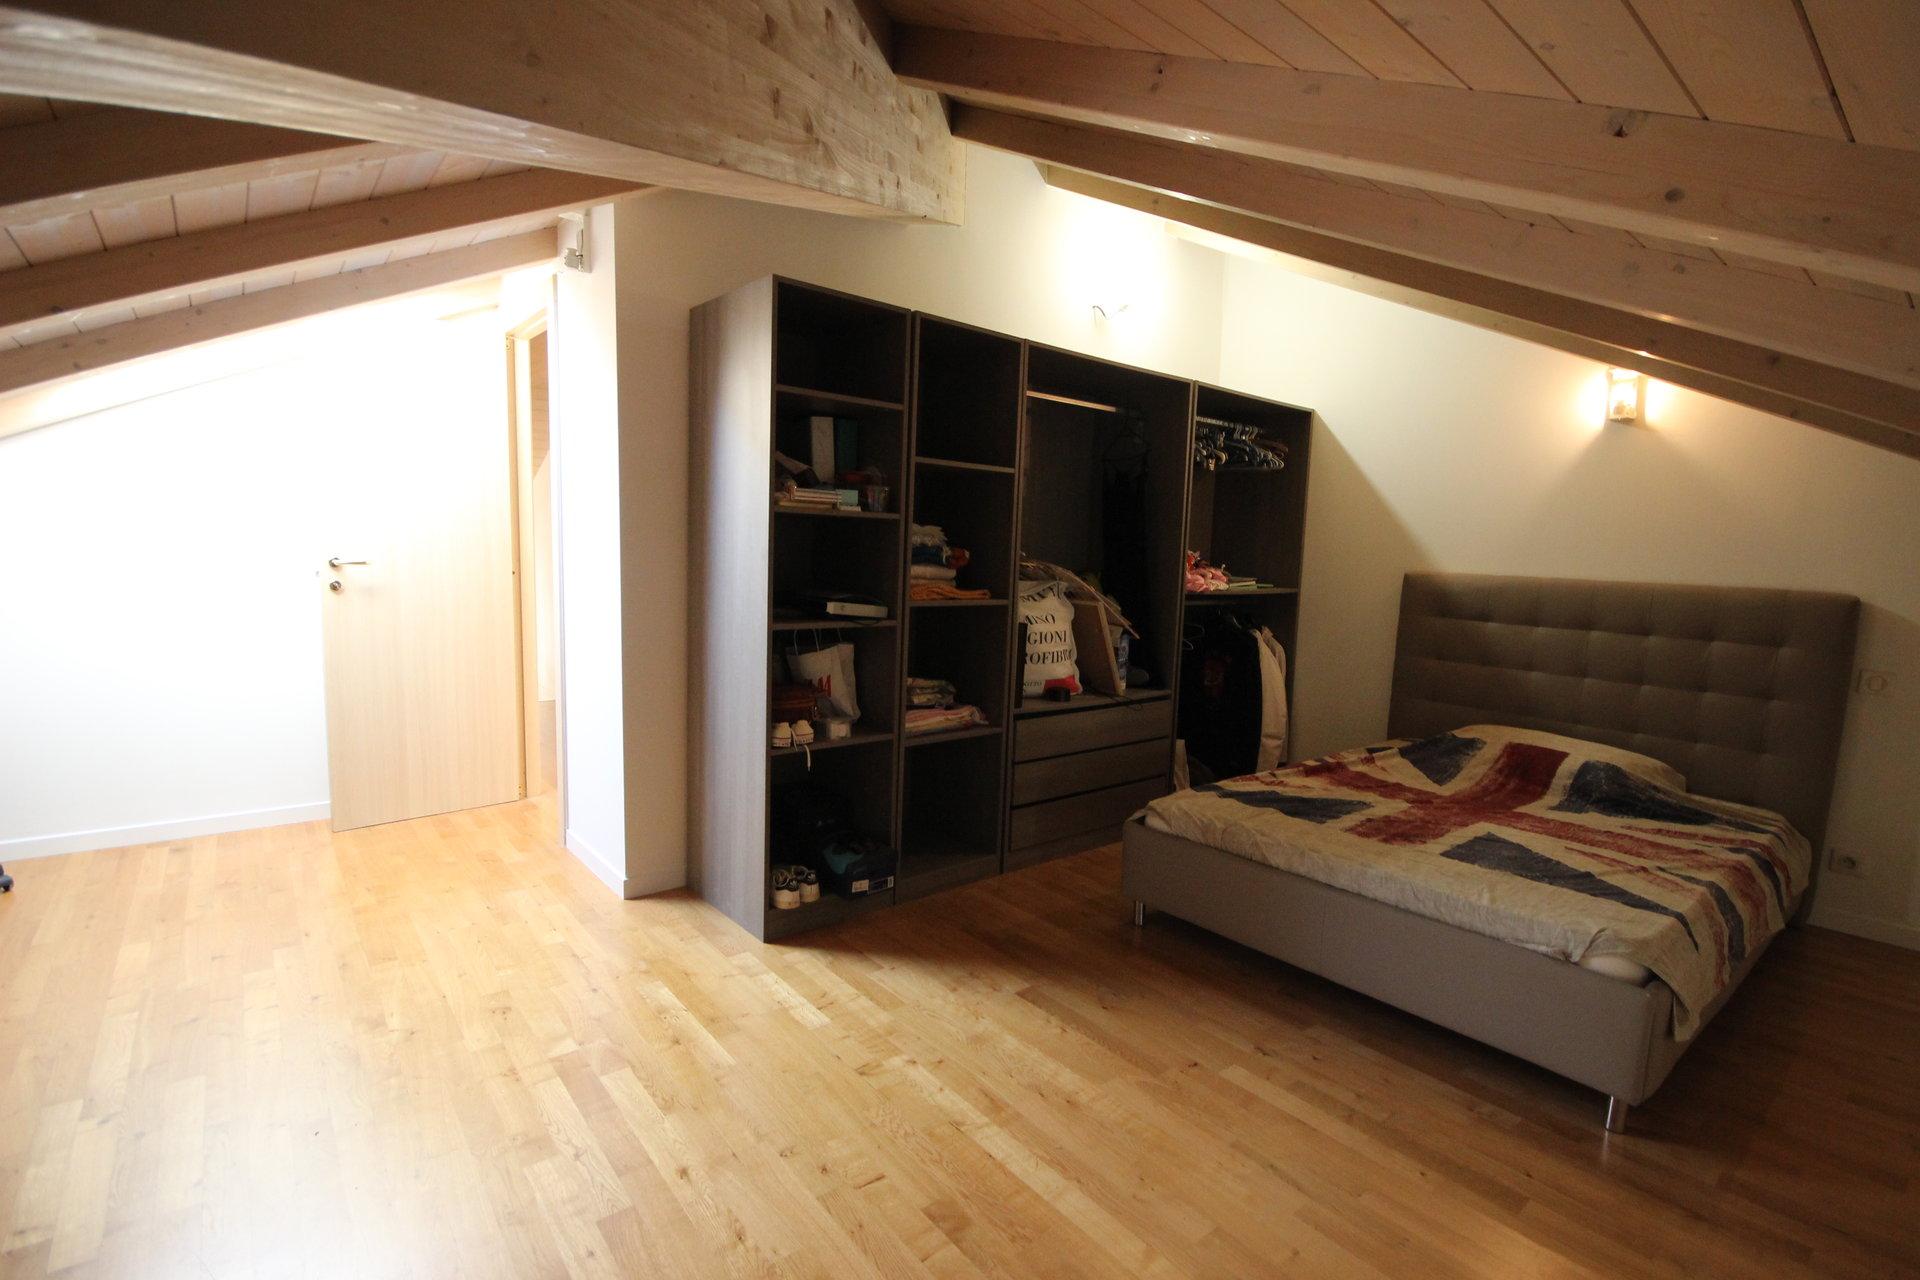 Försäljning Lägenhets Villa - Cannes Basse Californie